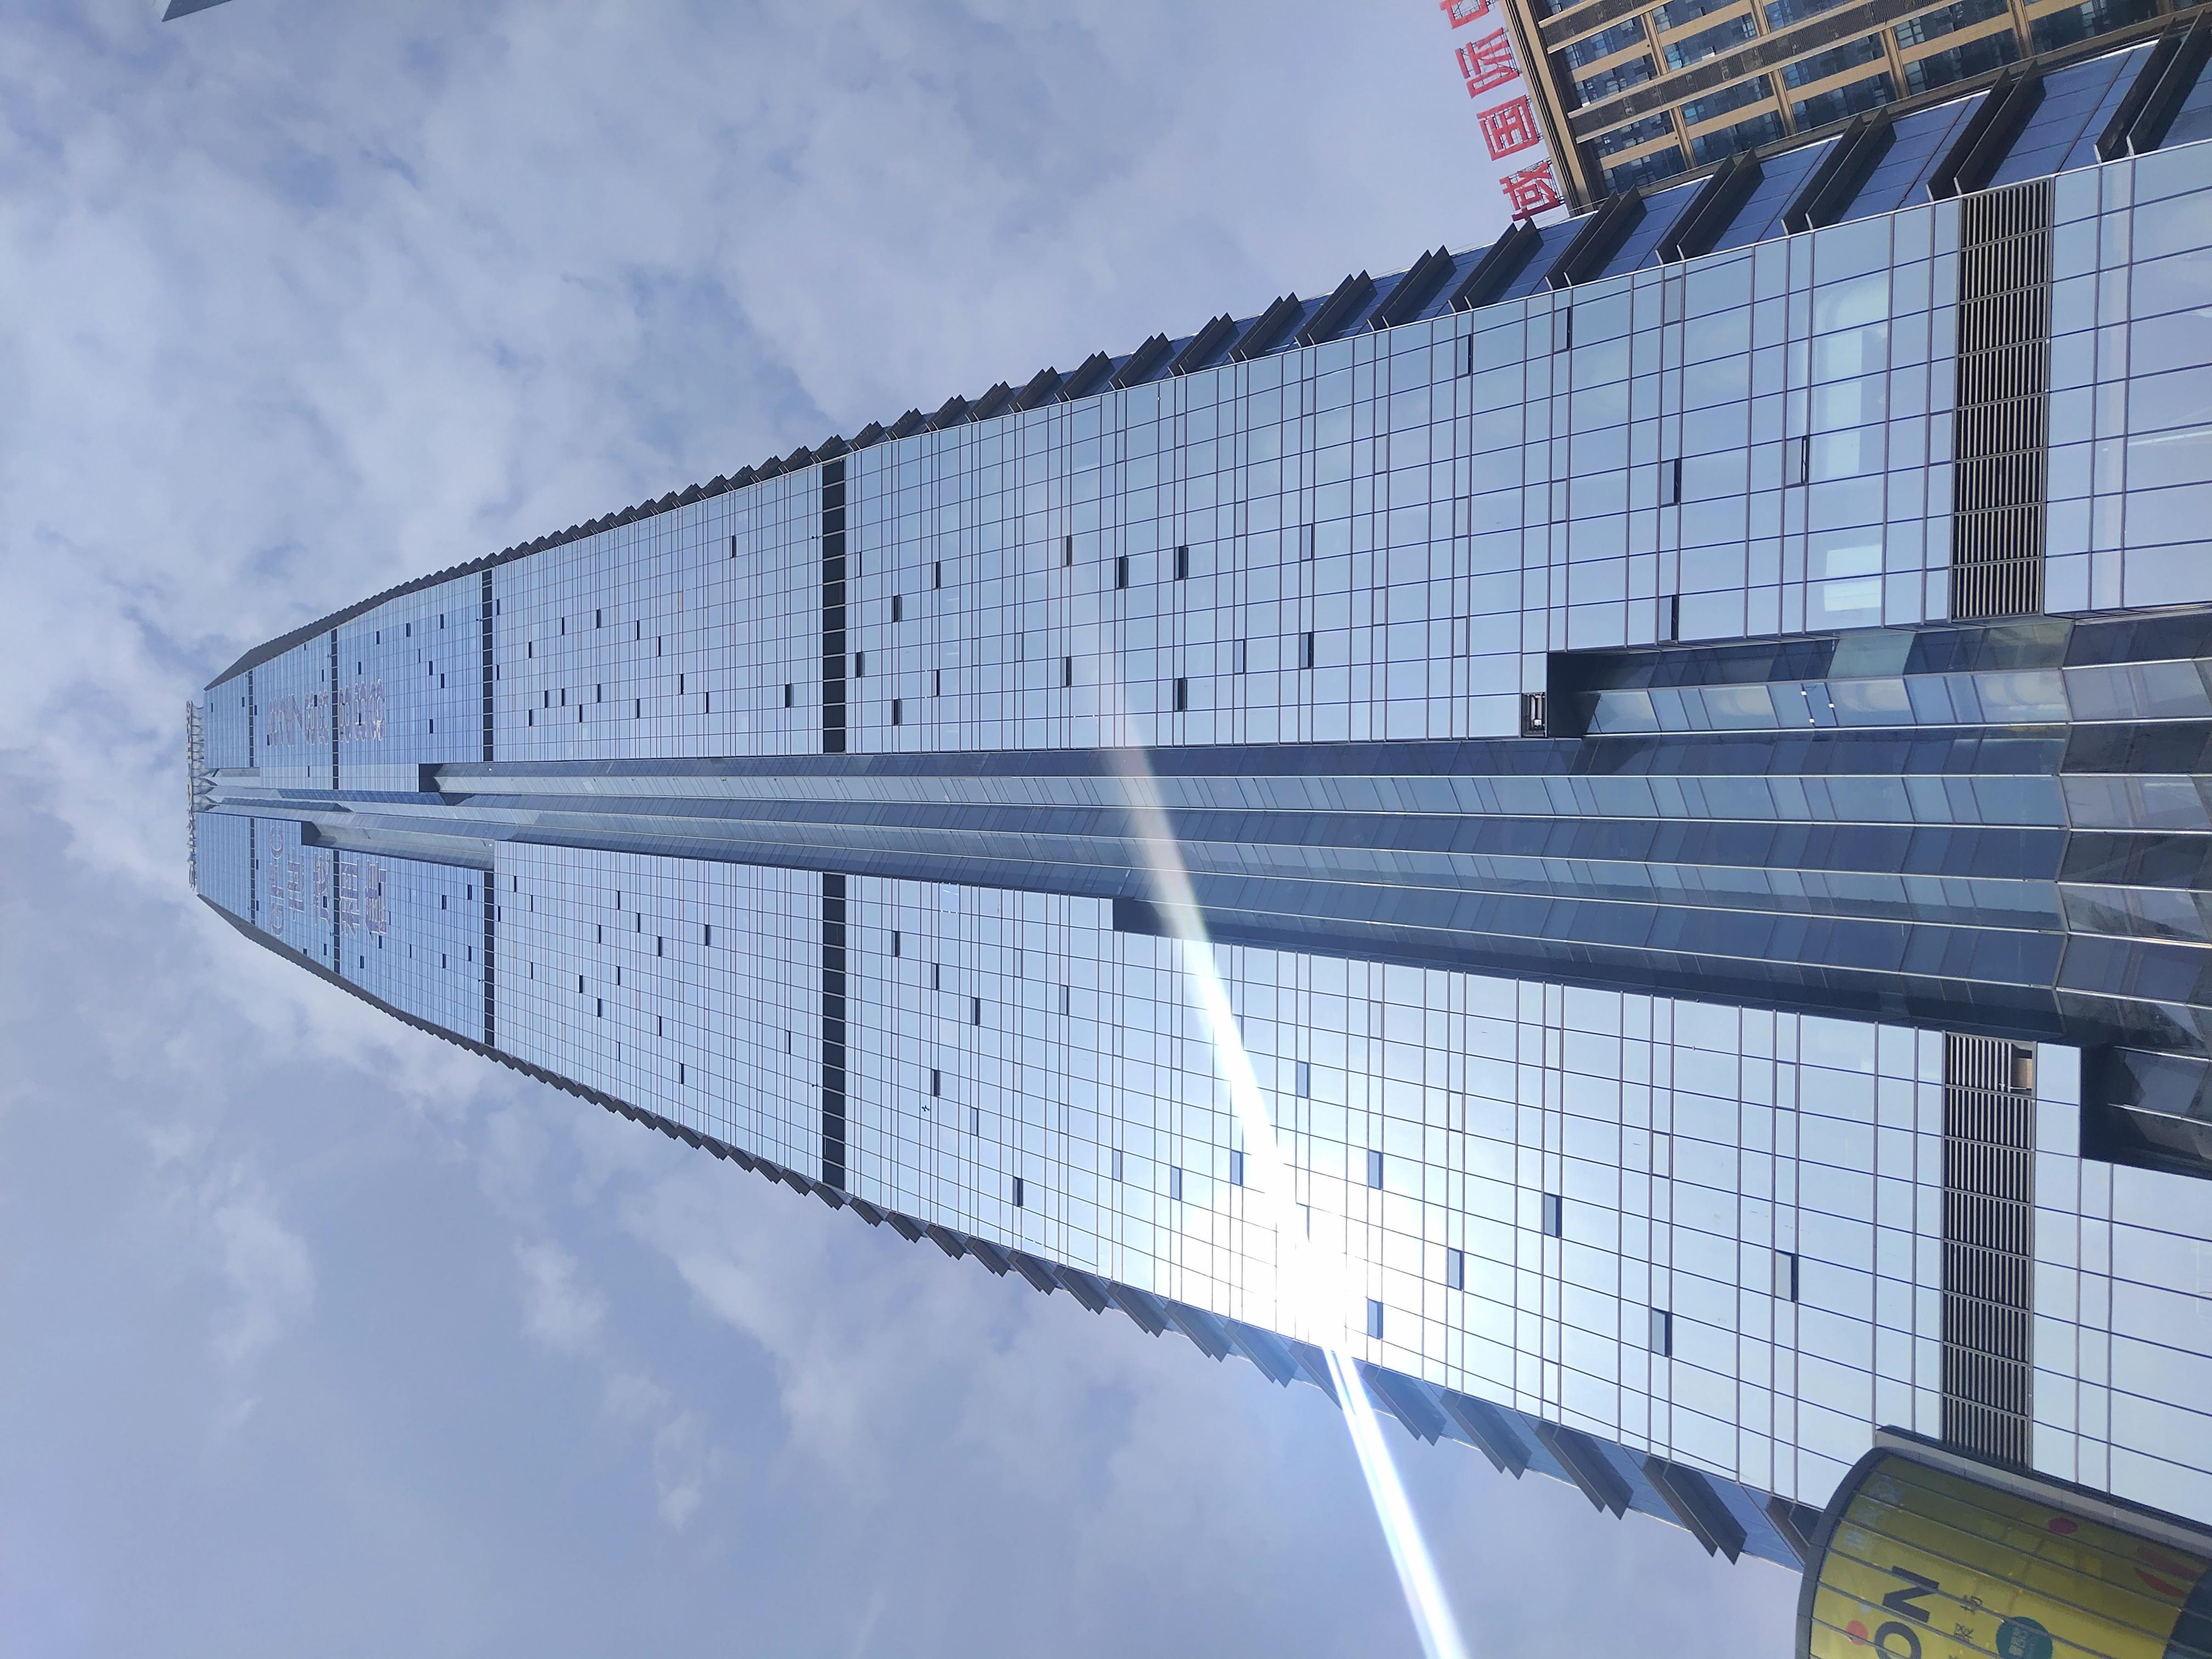 世茂环球金融中心 金融地标 简装出租 免租期3个月 视野开阔 随时看房子